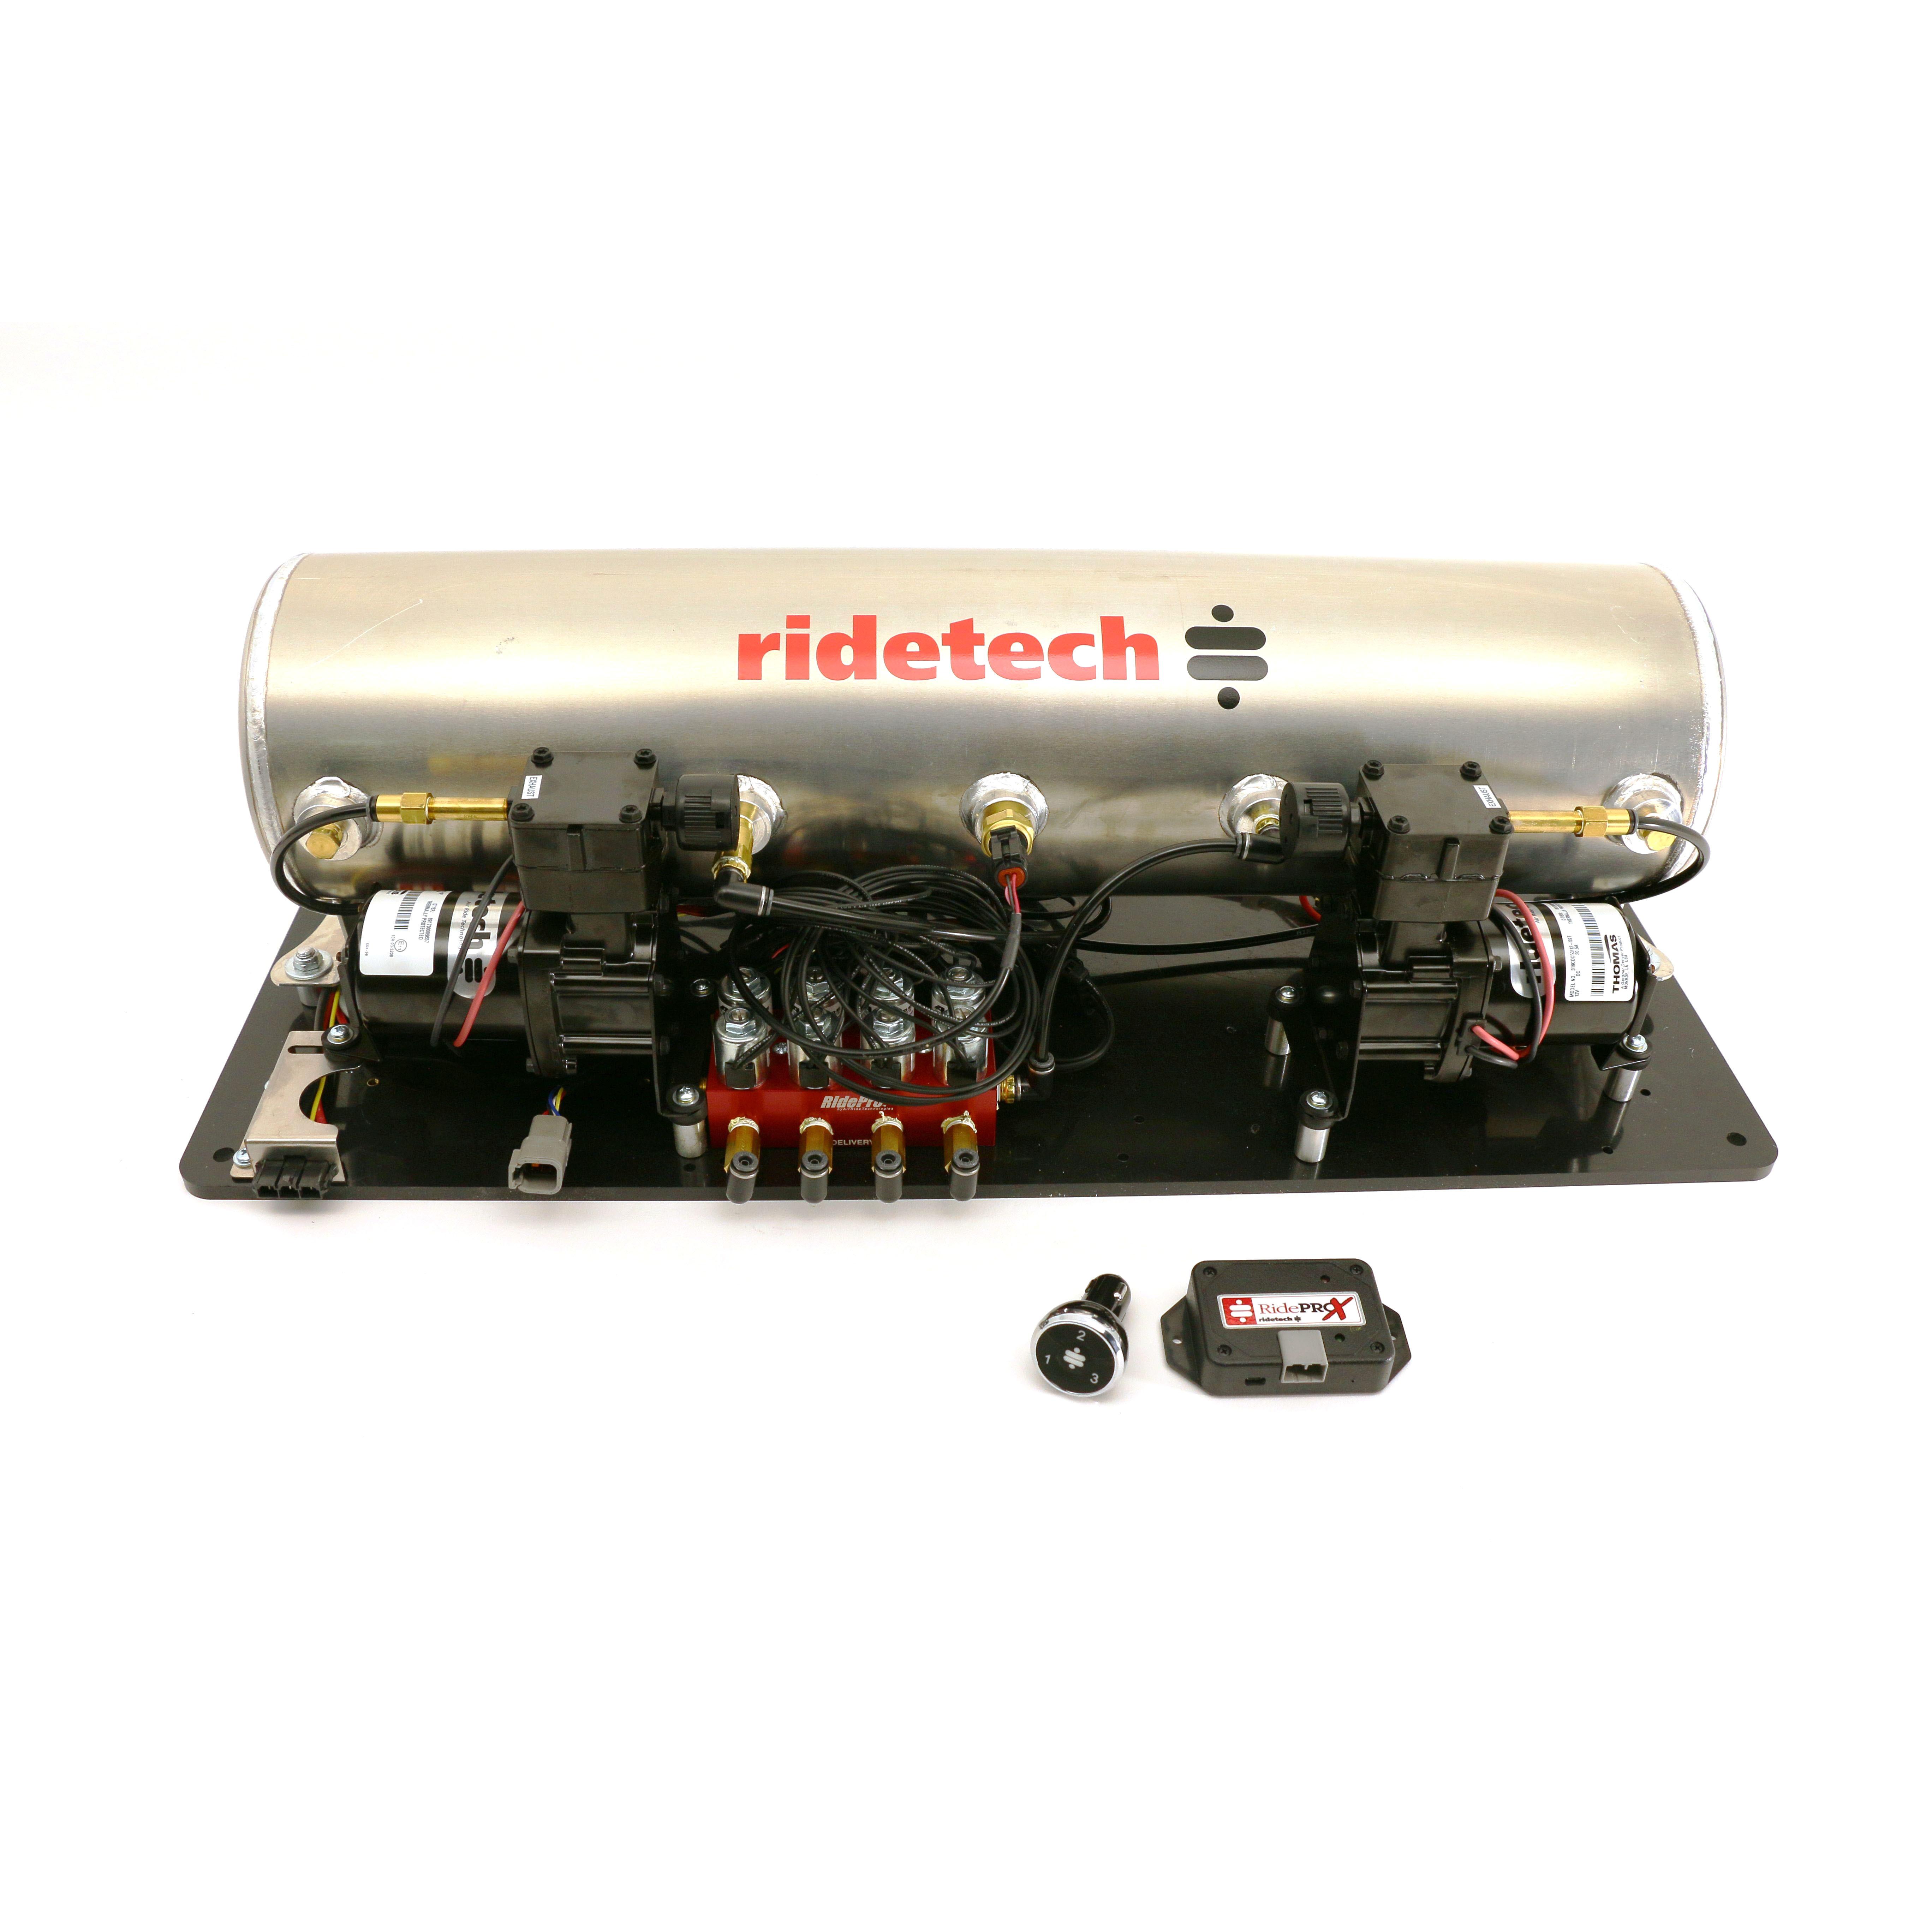 Ridetech 5 Gallon AirPod w/ Ride Discontinued 1/21